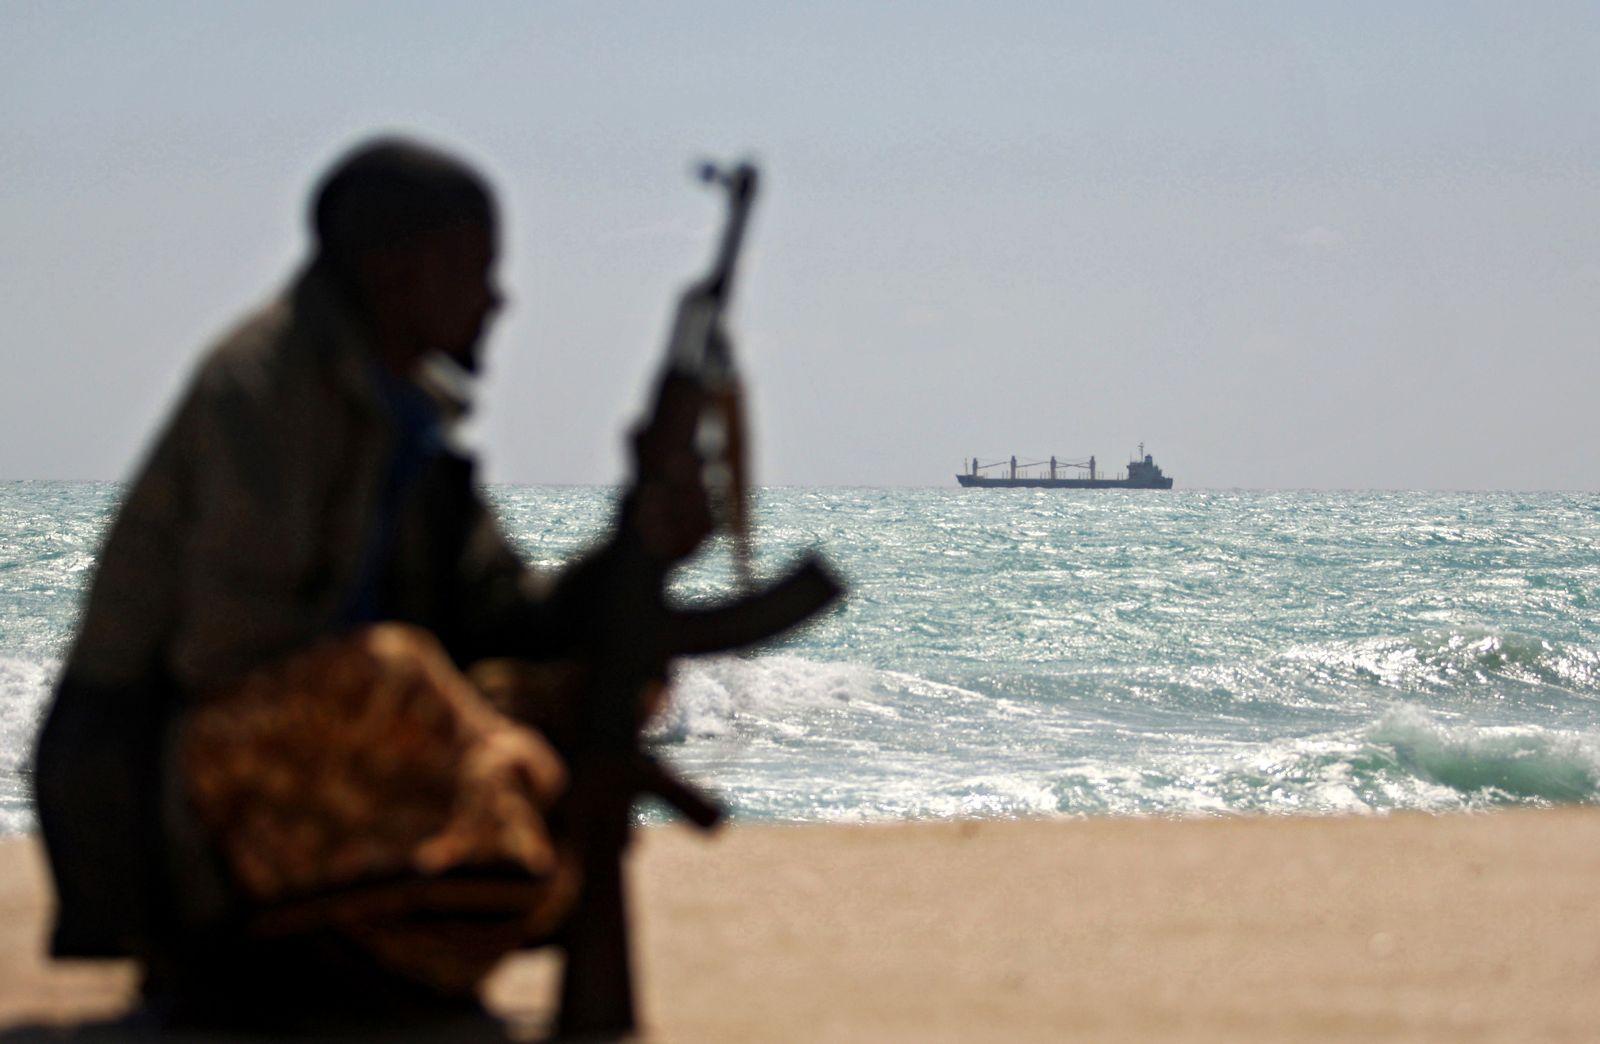 Somalia / Piraten